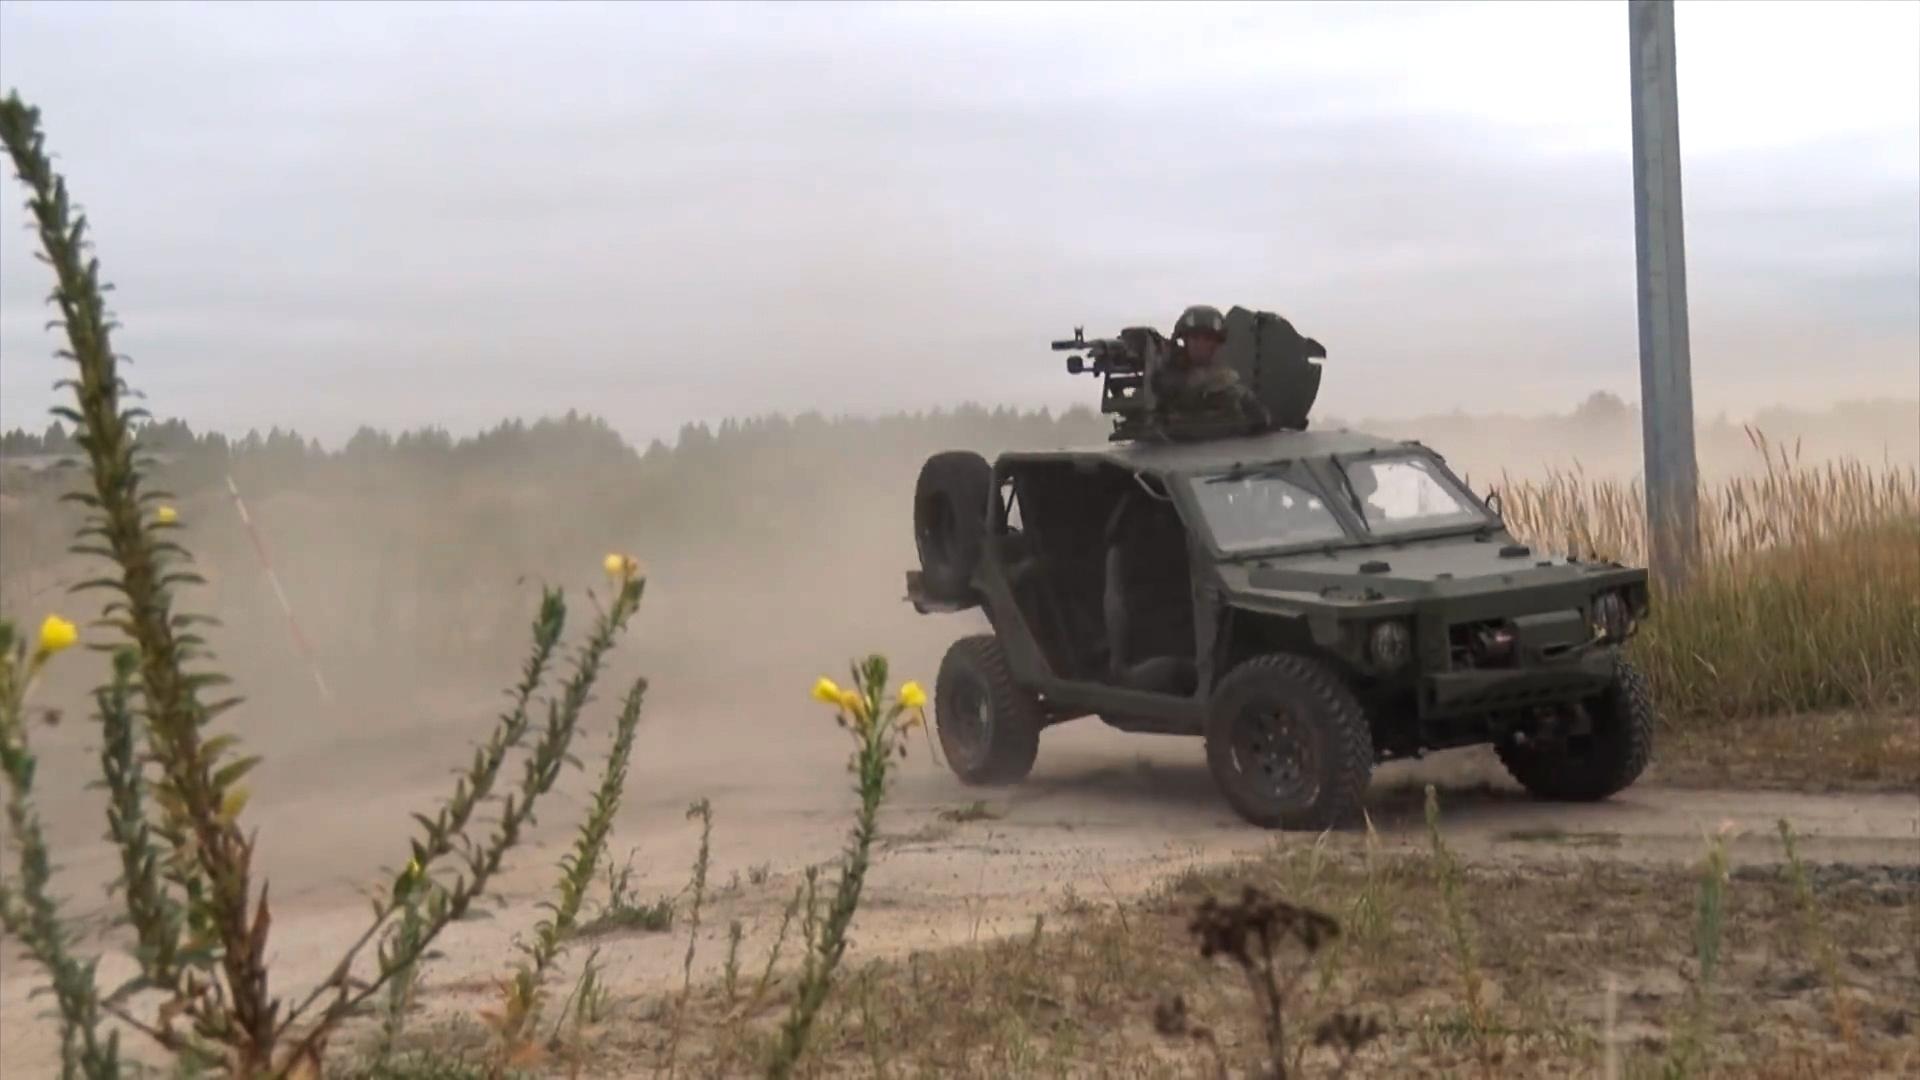 Стрельбу и захват населённого пункта на российских «пляжных внедорожниках» показали на видео